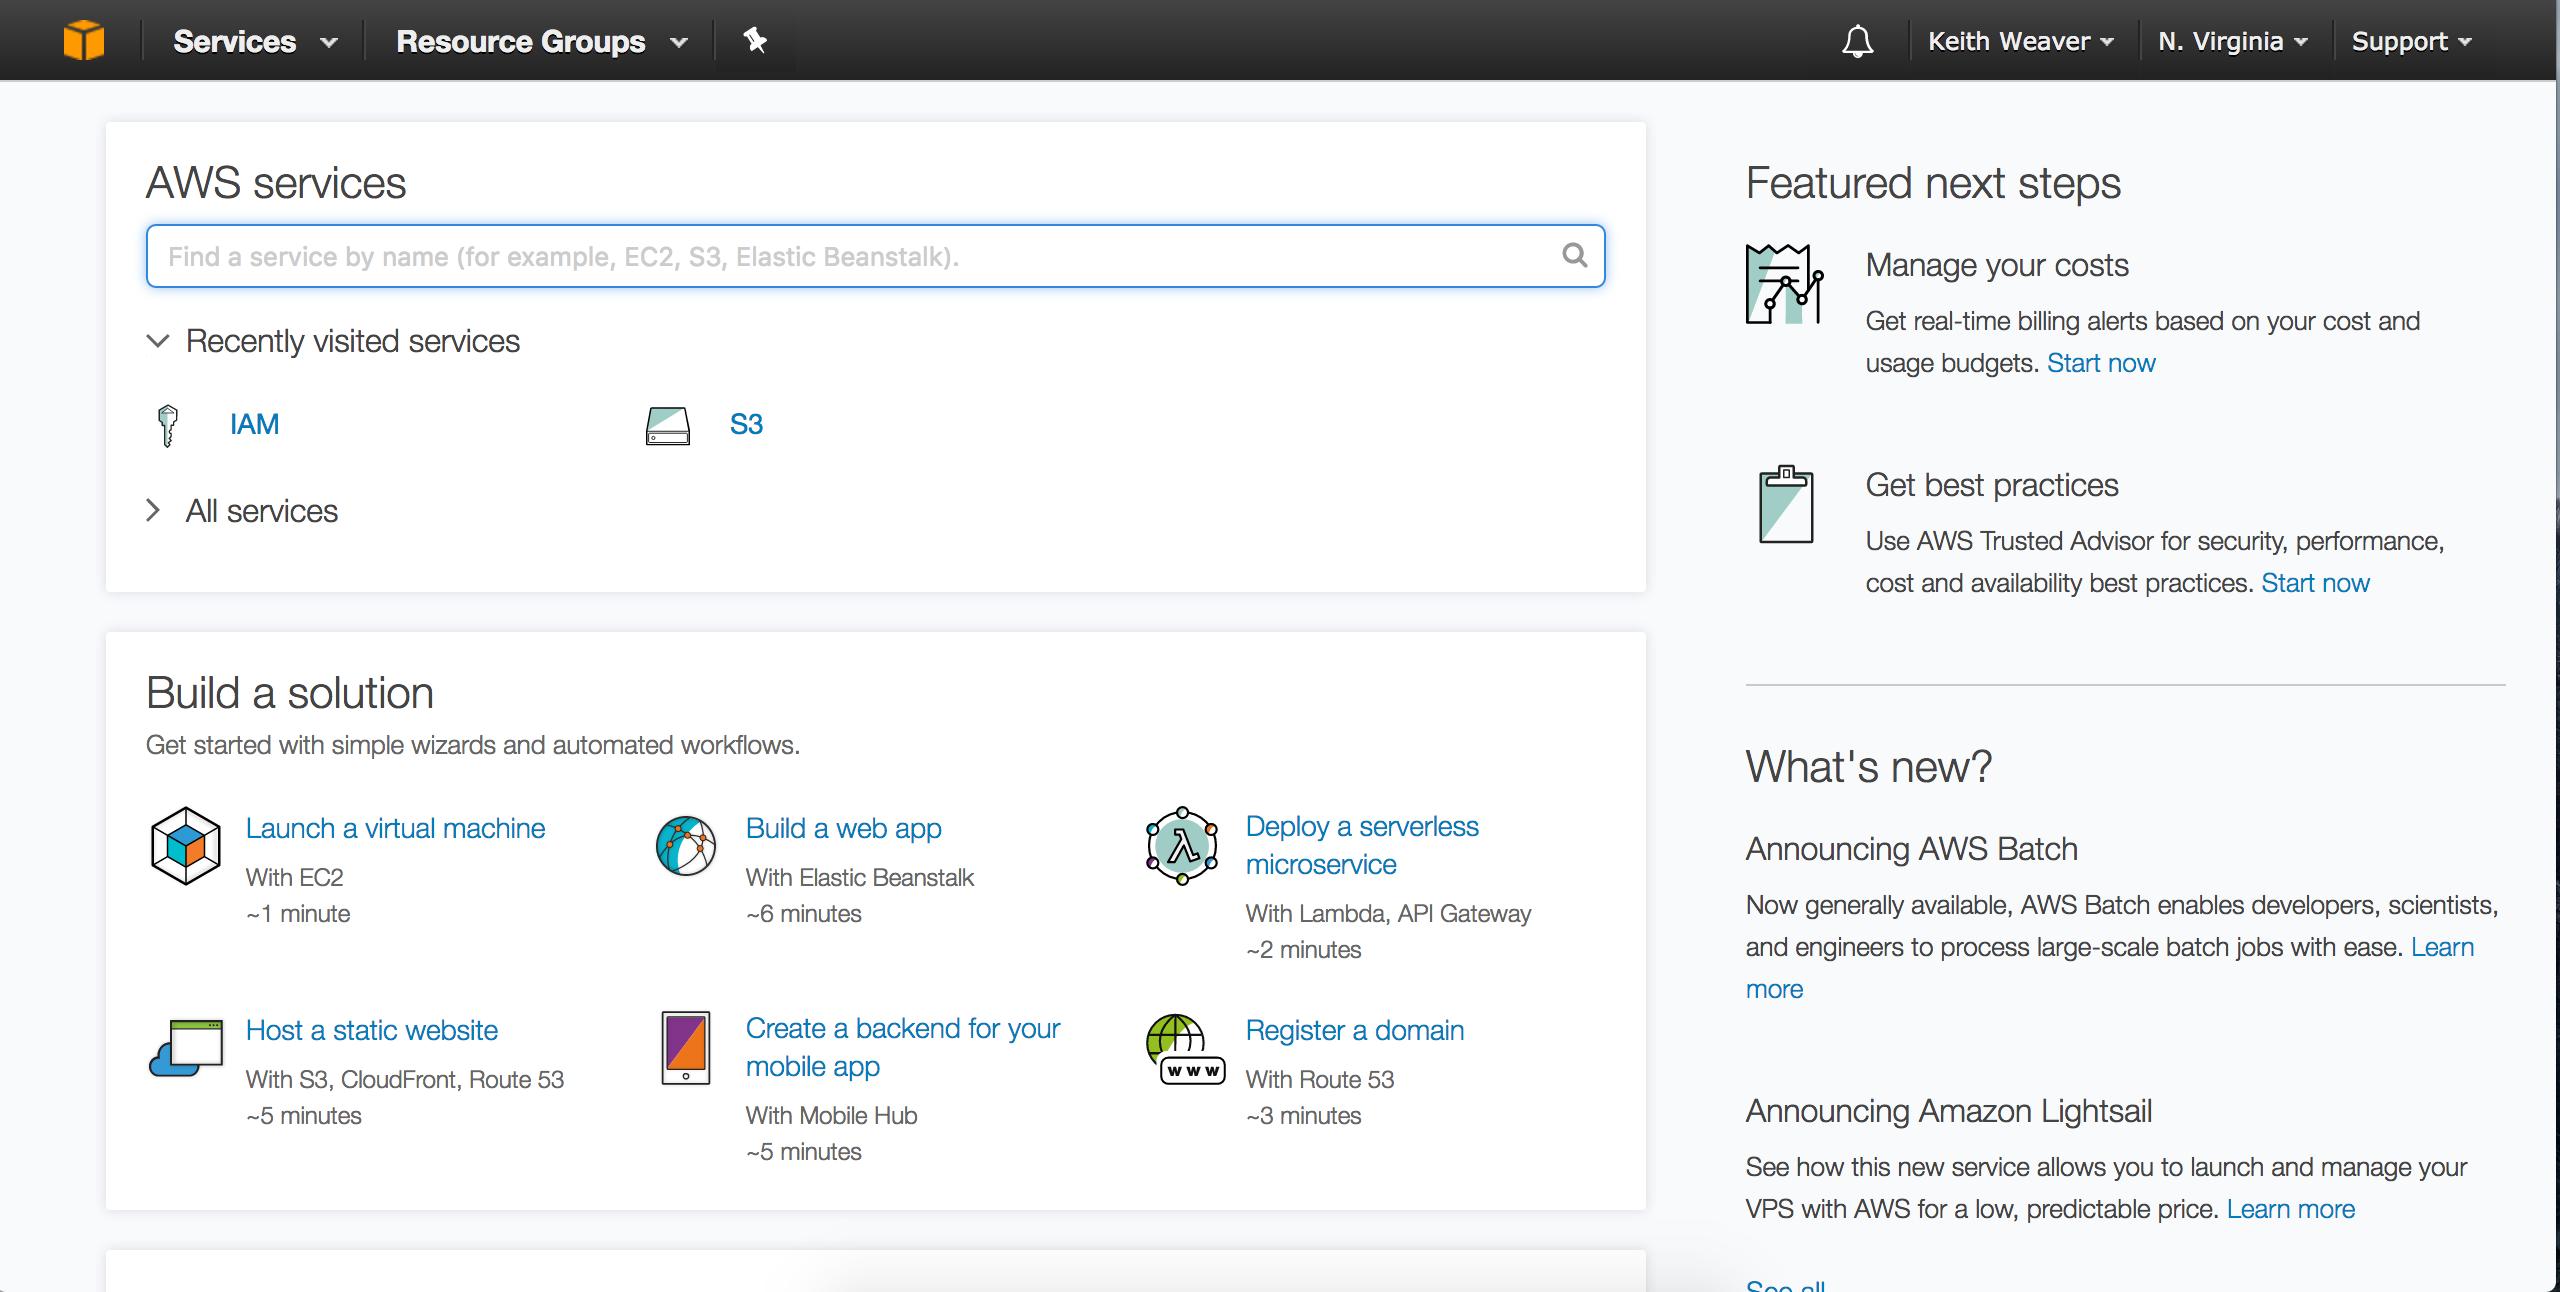 GitHub - keithweaver/python-aws-s3: Demo of AWS S3 Walkthrough using